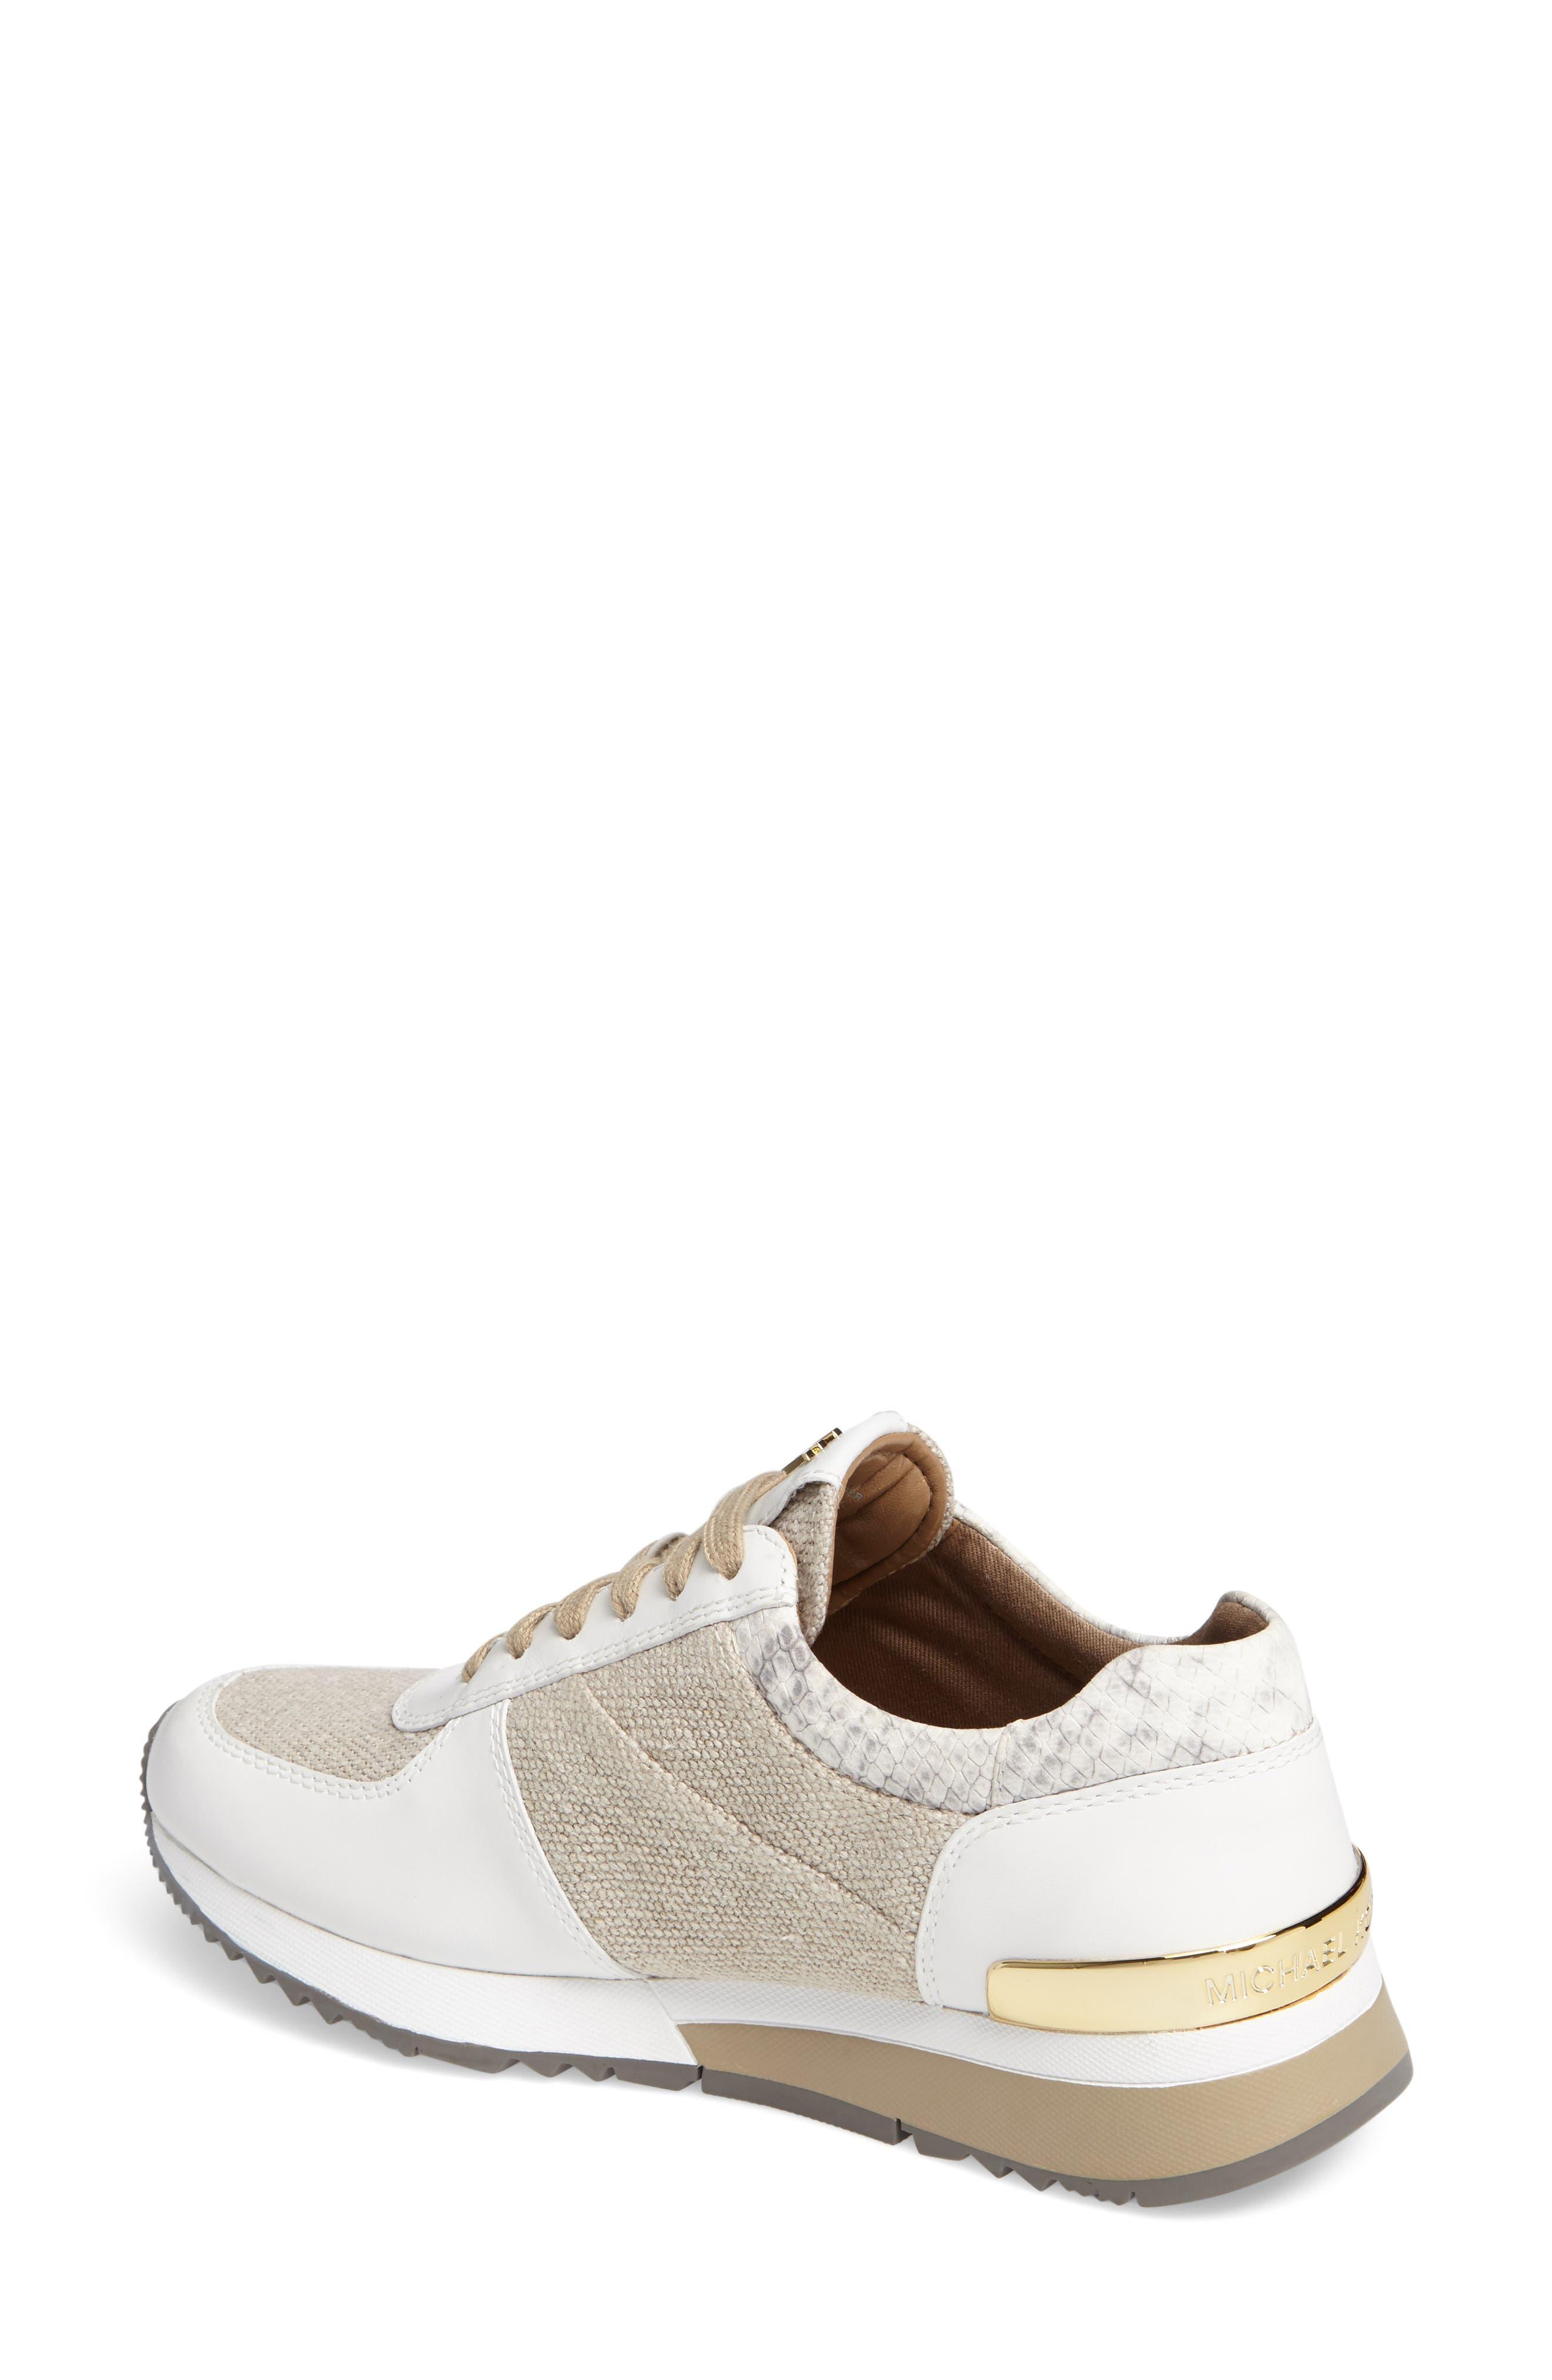 Alternate Image 2  - MICHAEL Michael Kors 'Allie' Sneaker (Women)